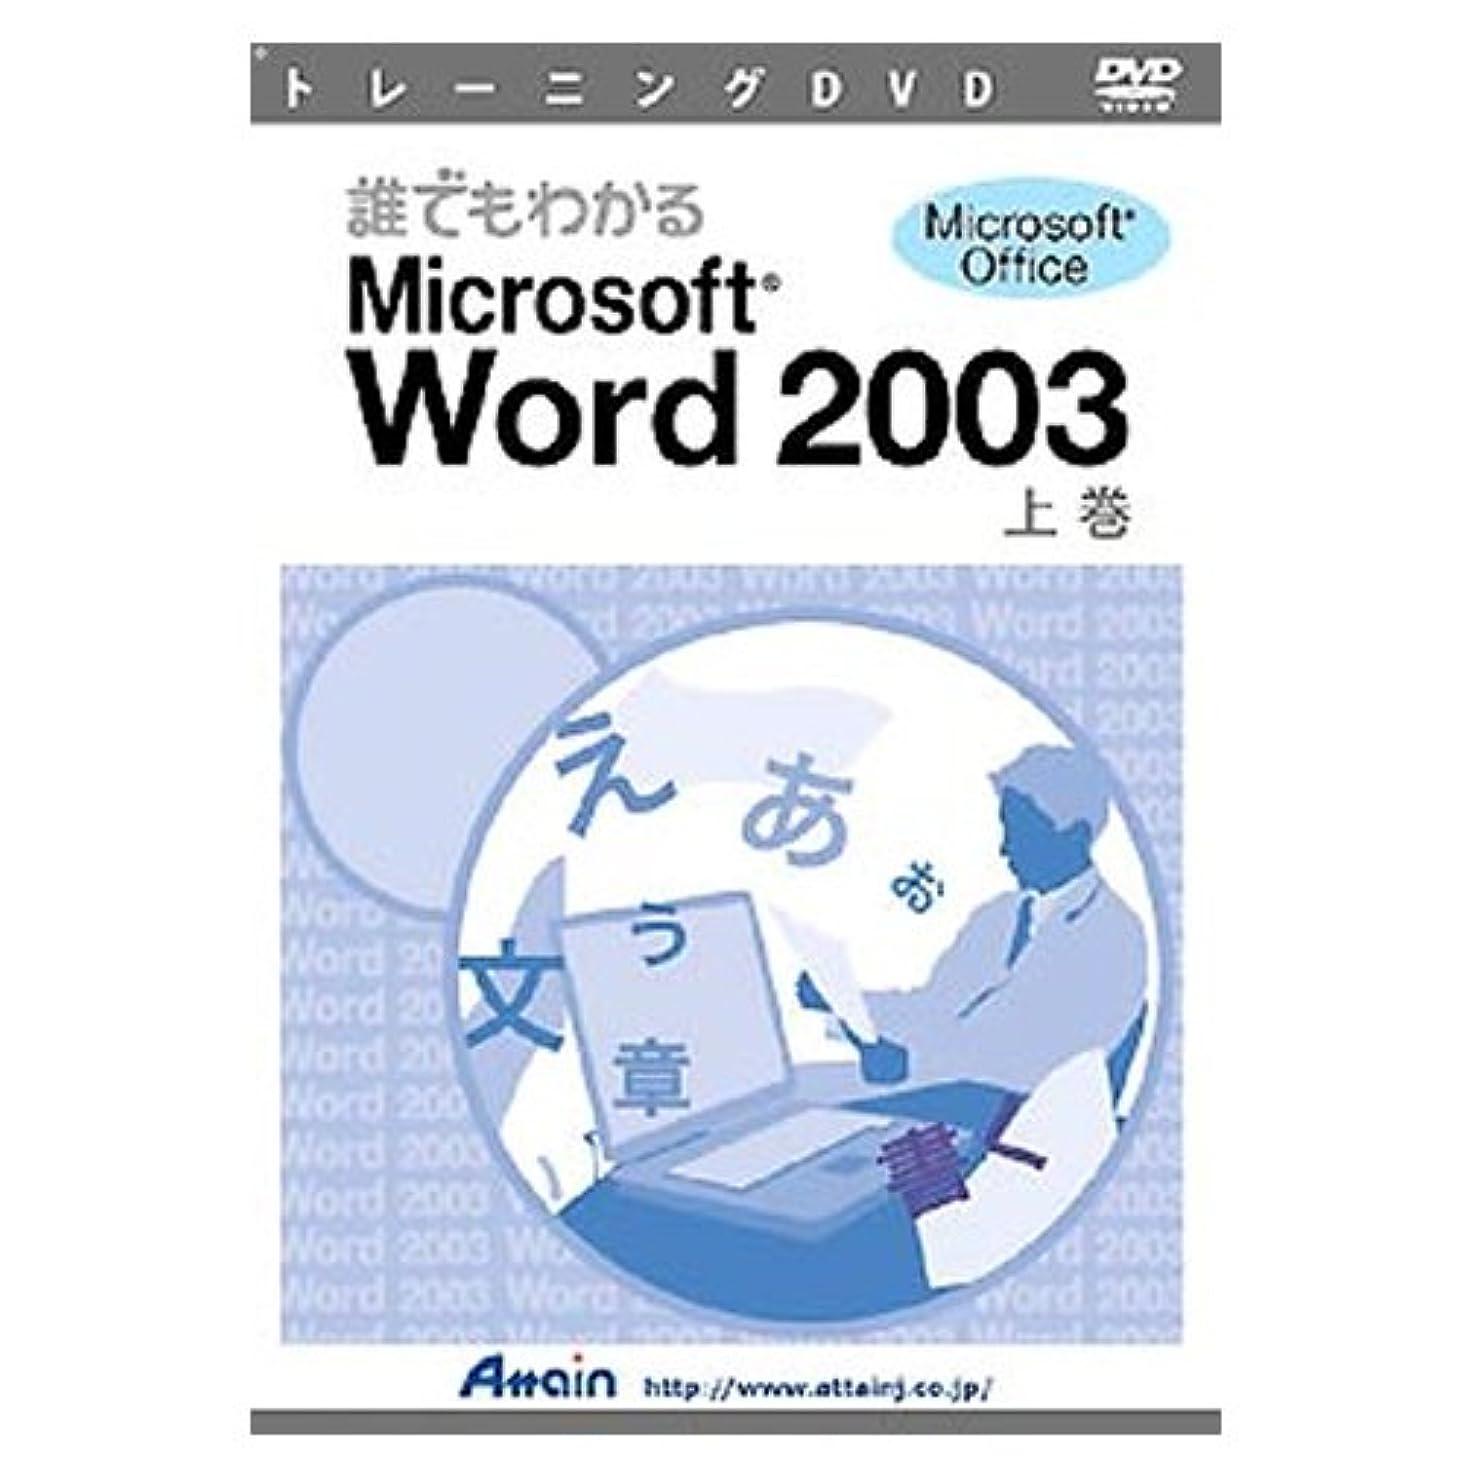 そのような機構静かなアテイン DVD 誰でもわかるWord 2003 上巻